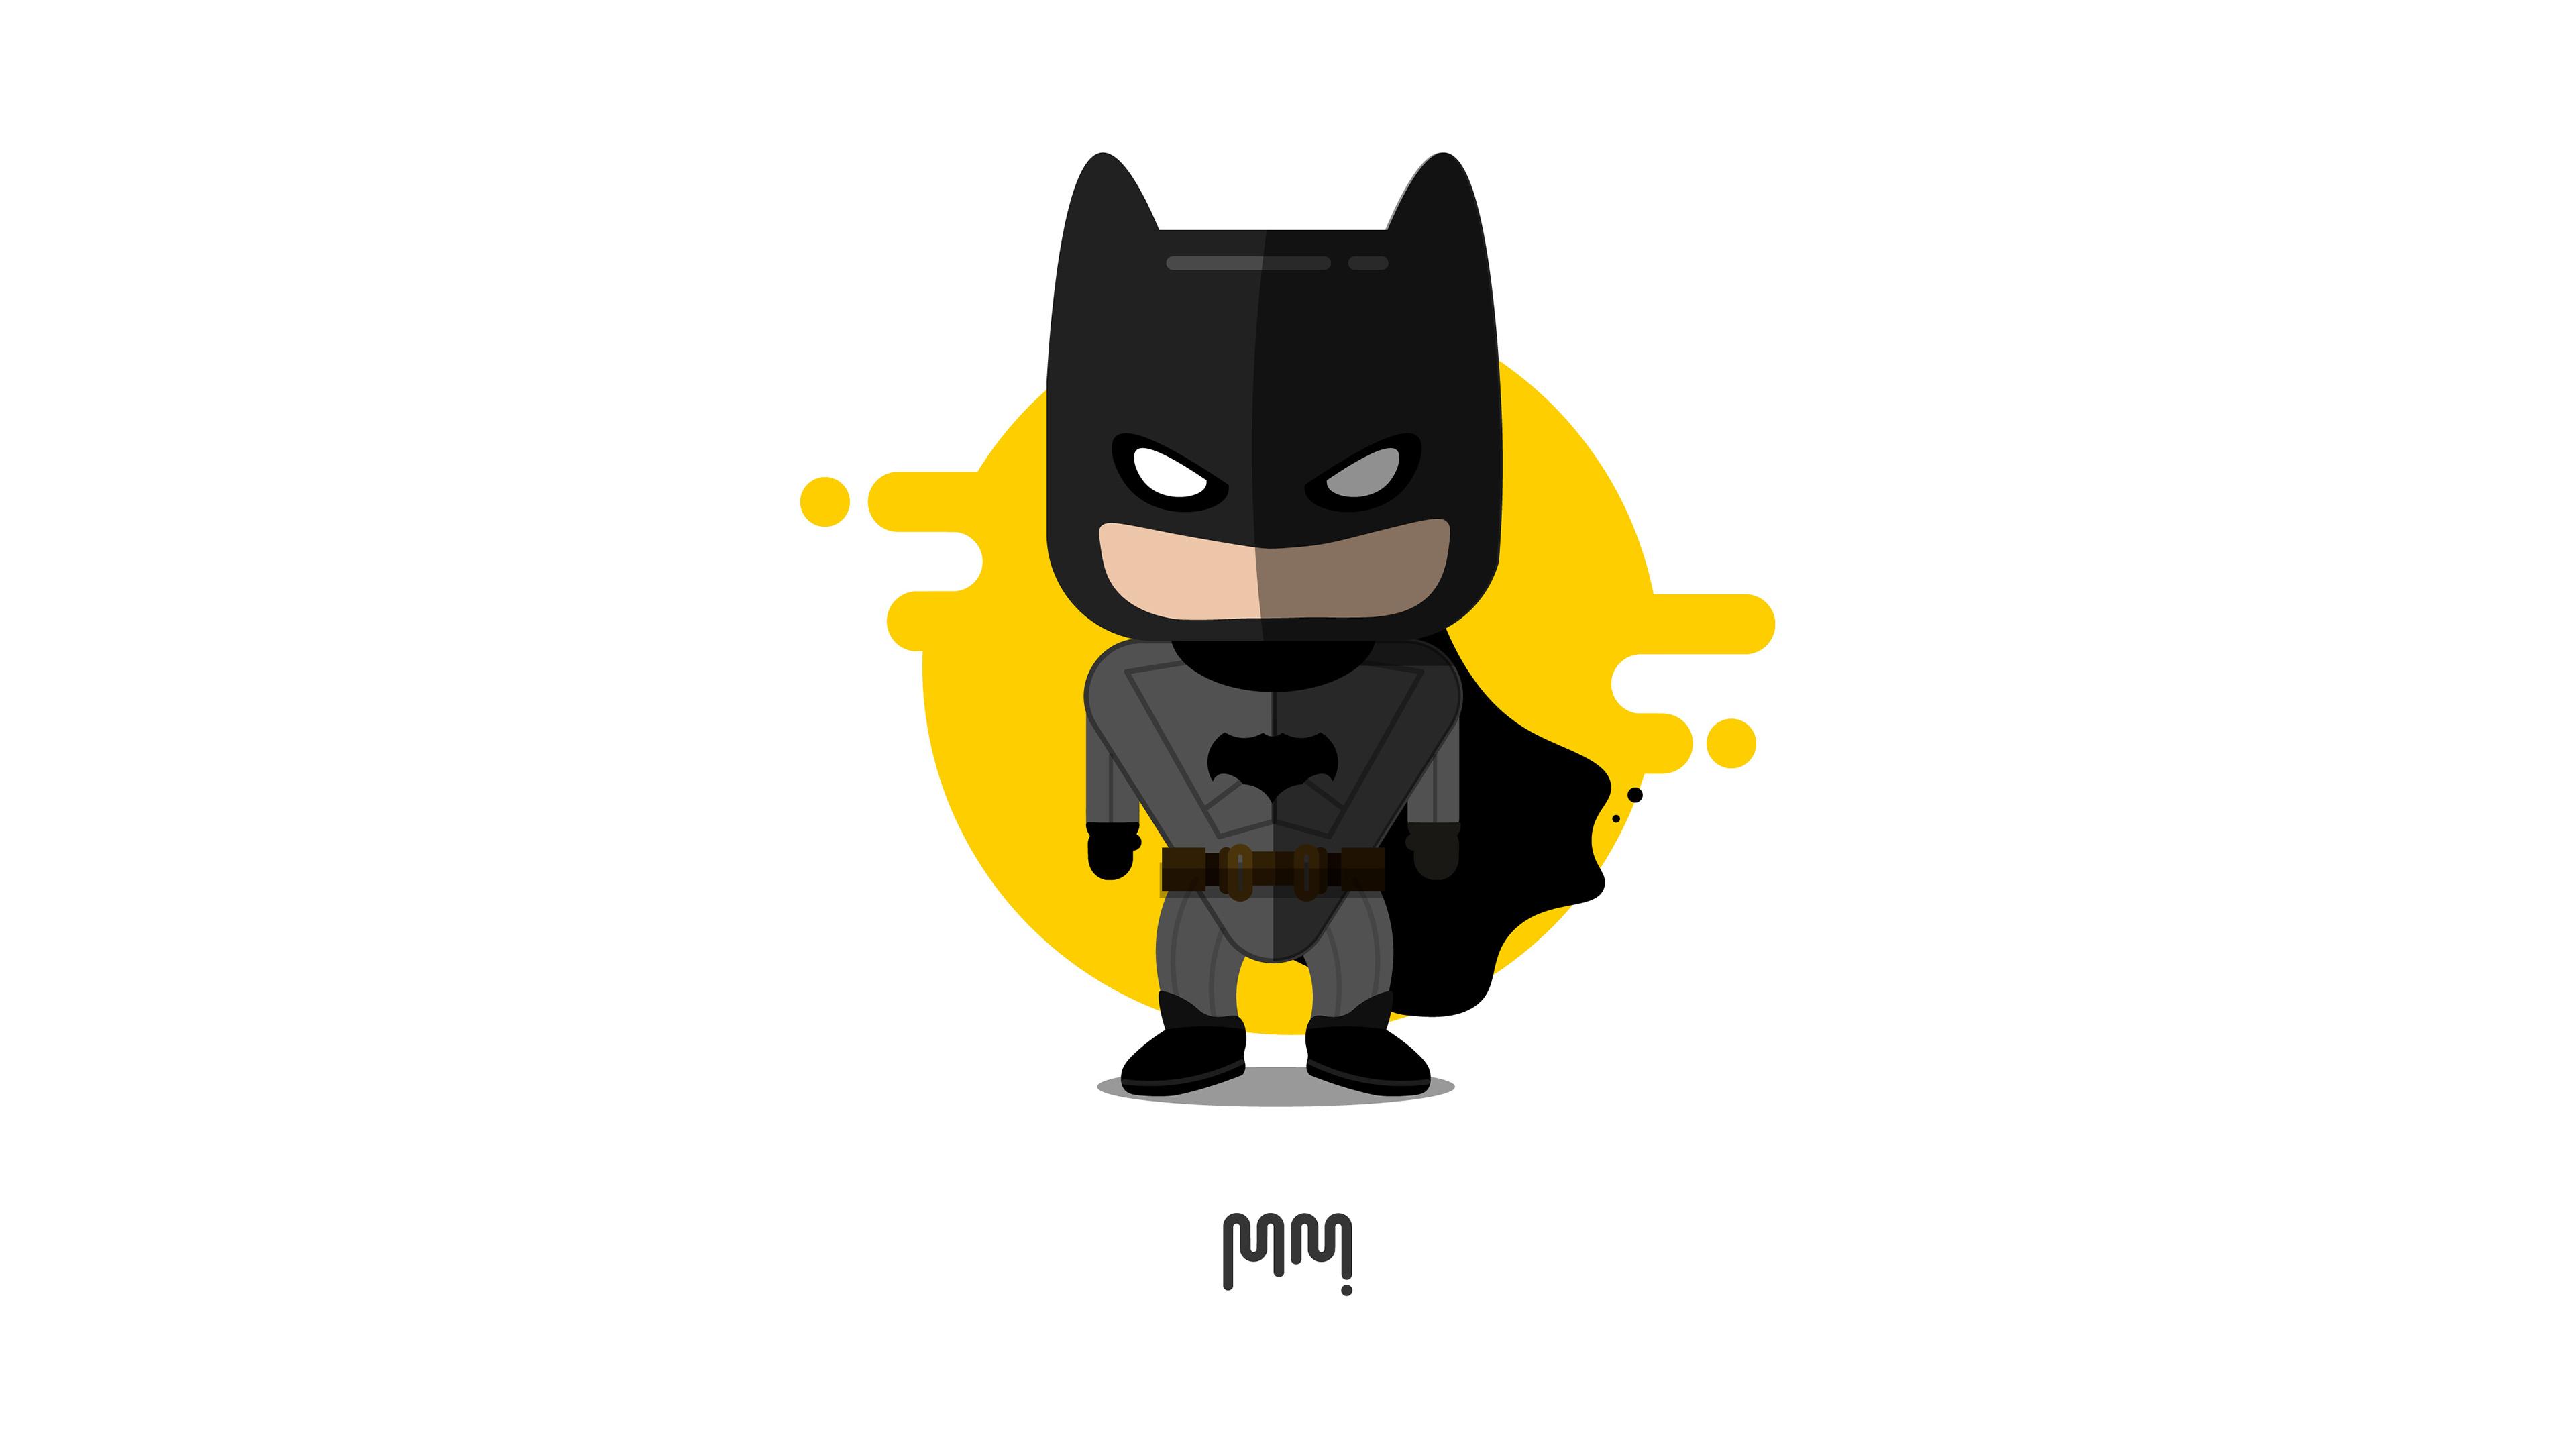 cute little batman minimalism 4k 1539978588 - Cute Little Batman Minimalism 4k - superheroes wallpapers, hd-wallpapers, digital art wallpapers, behance wallpapers, batman wallpapers, artwork wallpapers, artist wallpapers, 4k-wallpapers